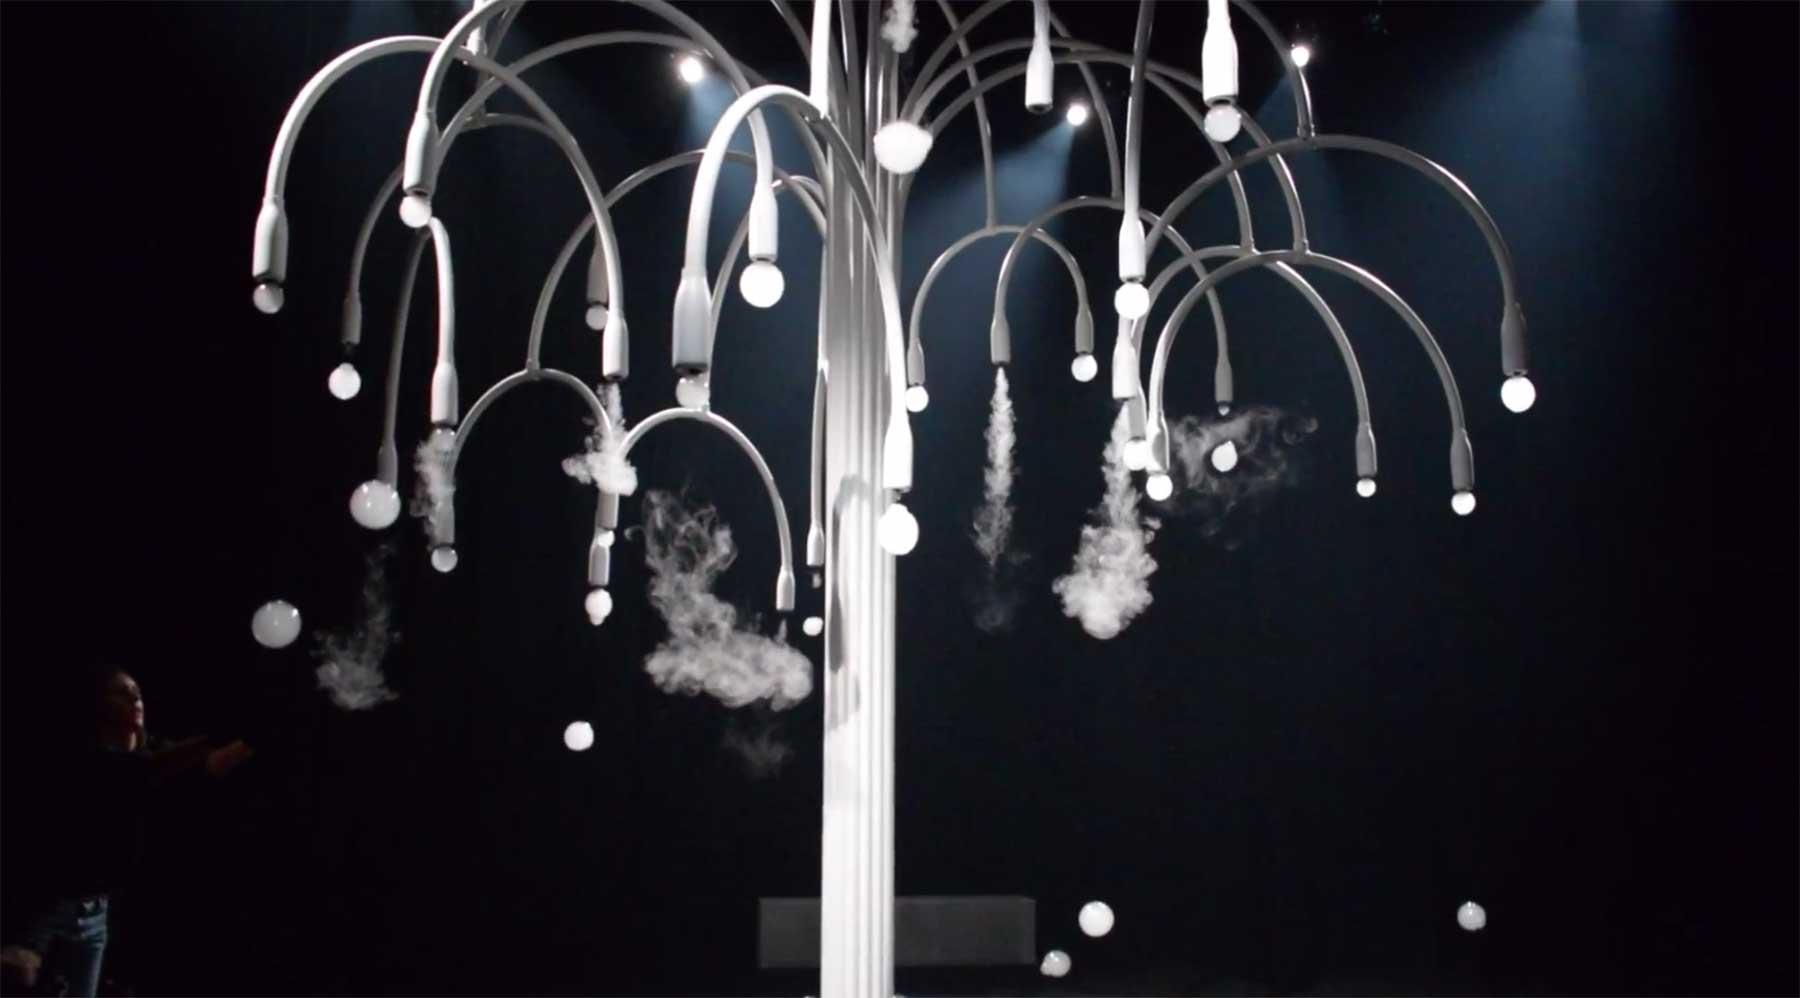 Rauchblasenfrüchte new-spring-installation-COS